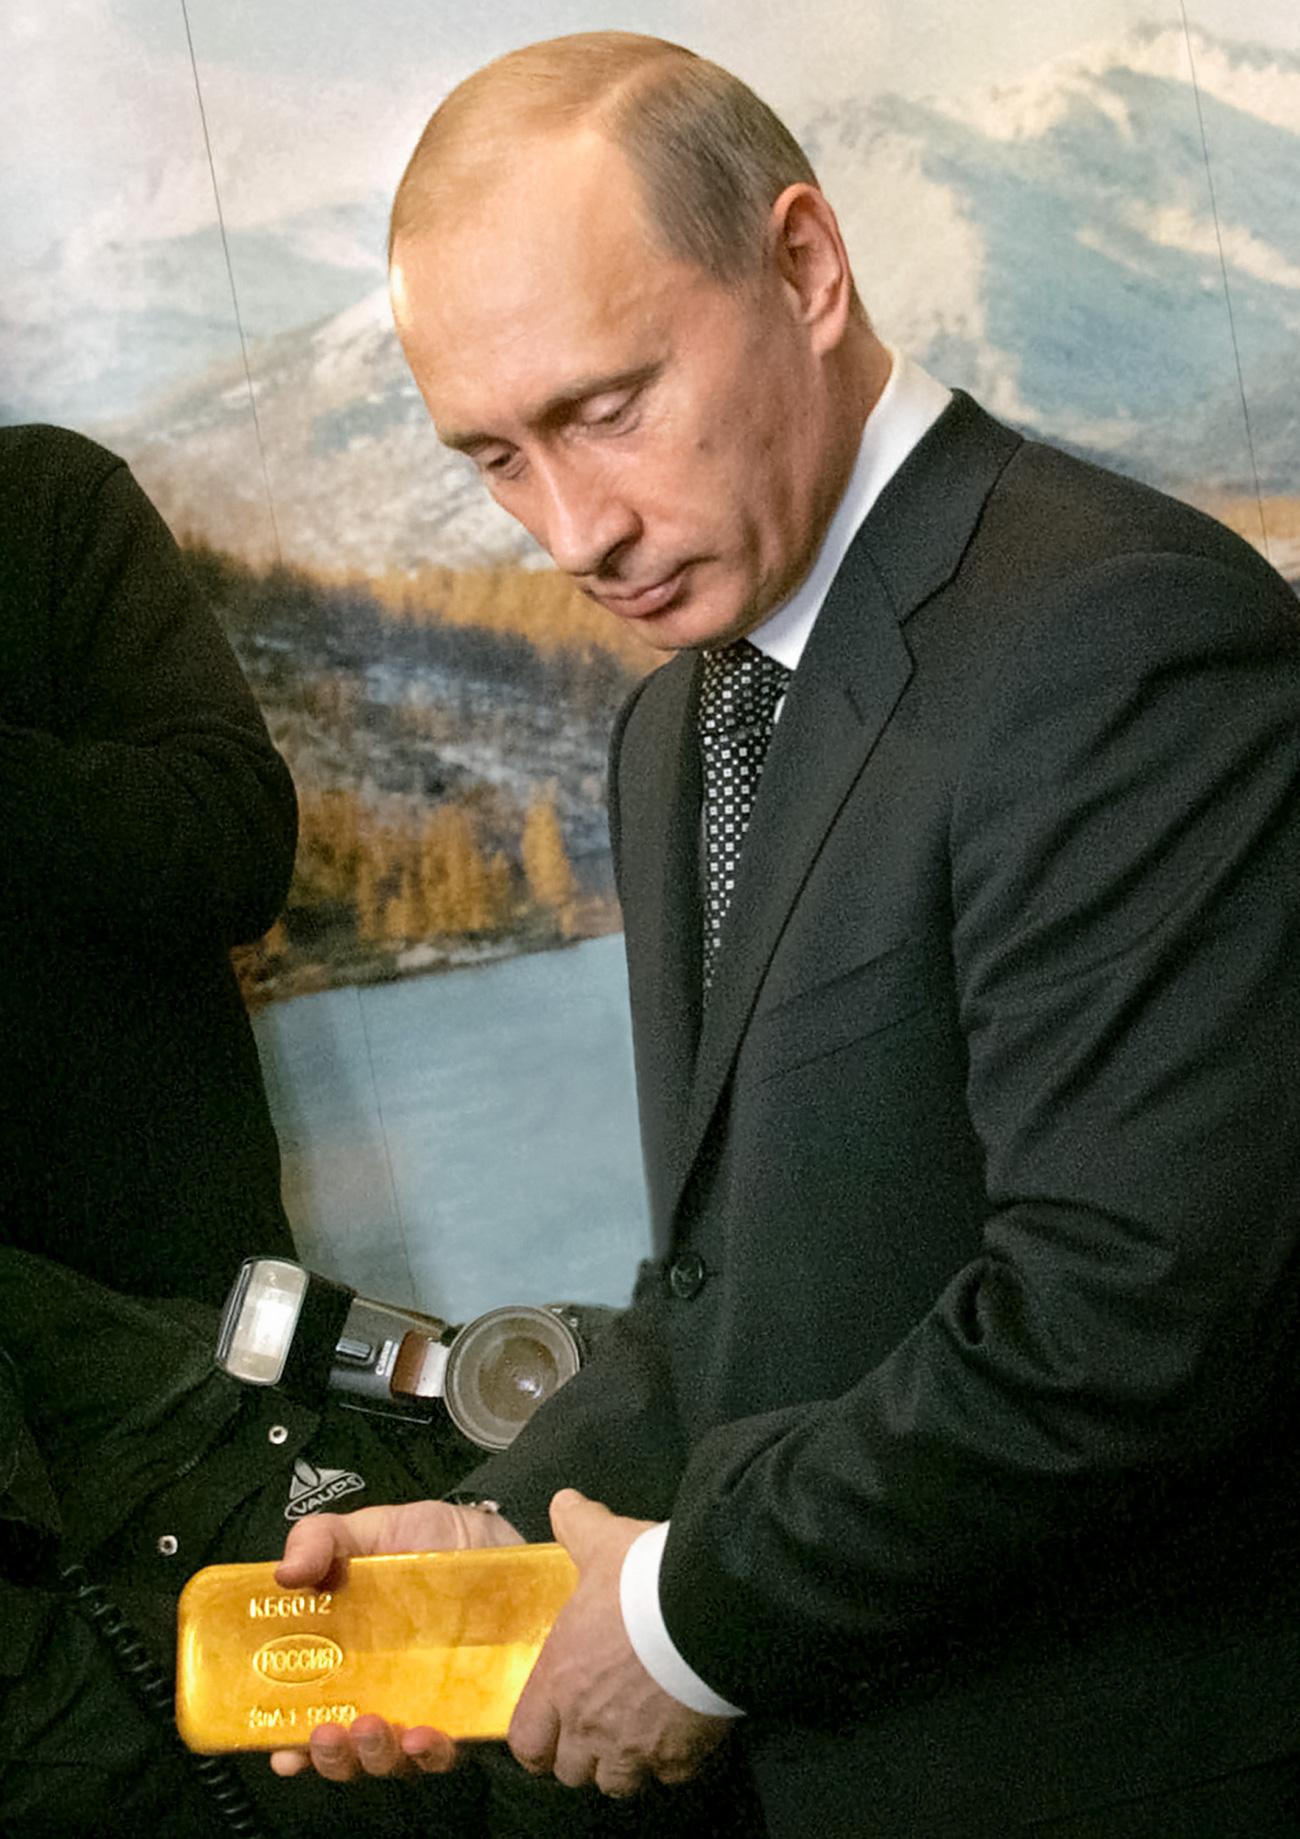 2005年、マガダンで、プーチン大統領が政府金会議の議長を務めた際、金のインゴットを手に取る=AP通信